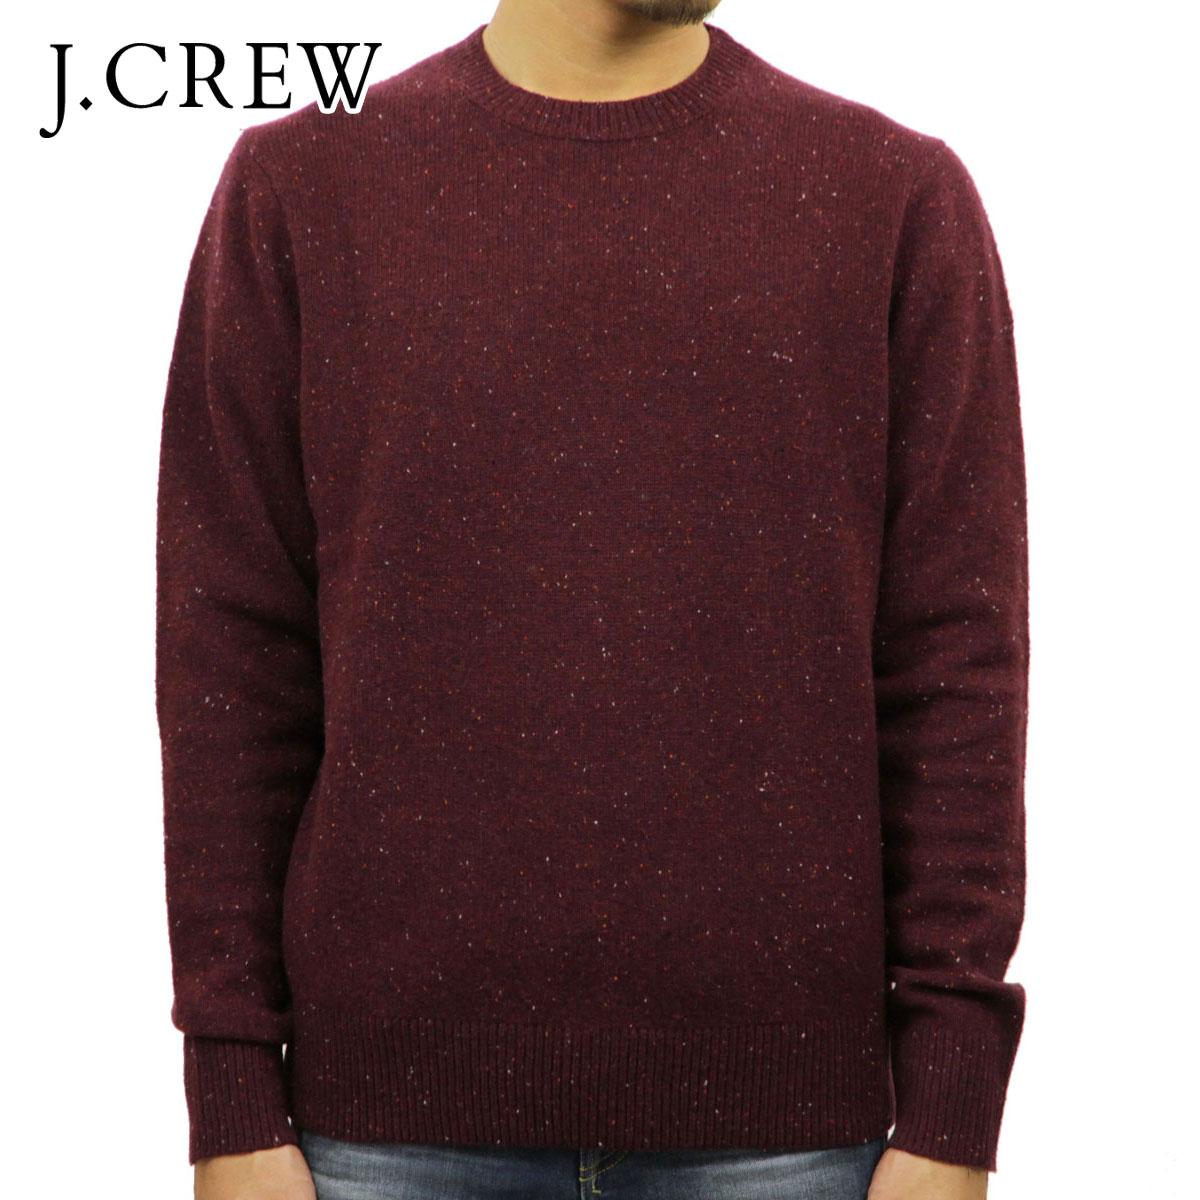 ジェイクルー J.CREW 正規品 メンズ セーター DONEGAL ELBOW-PATCH SWEATER 05113 D20S30